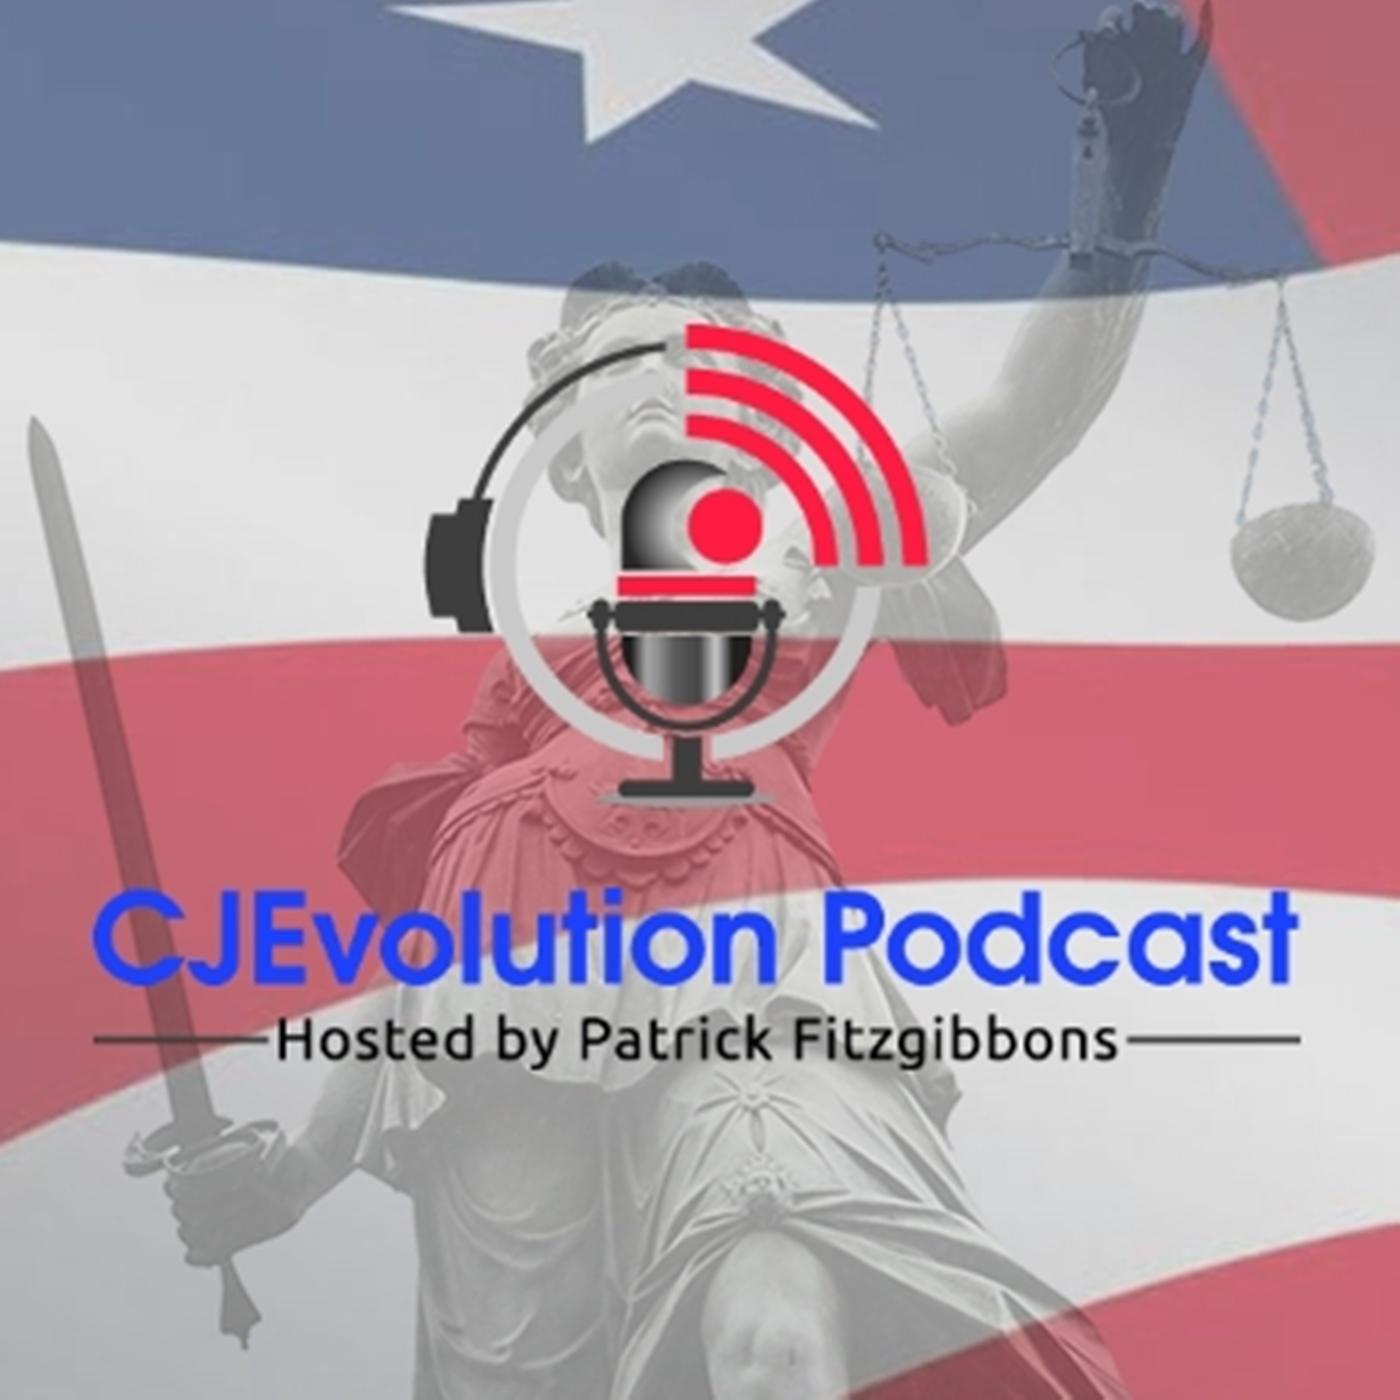 Criminal Justice Evolution (CJEvolution) - Hosted by Patrick Fitizgibbons